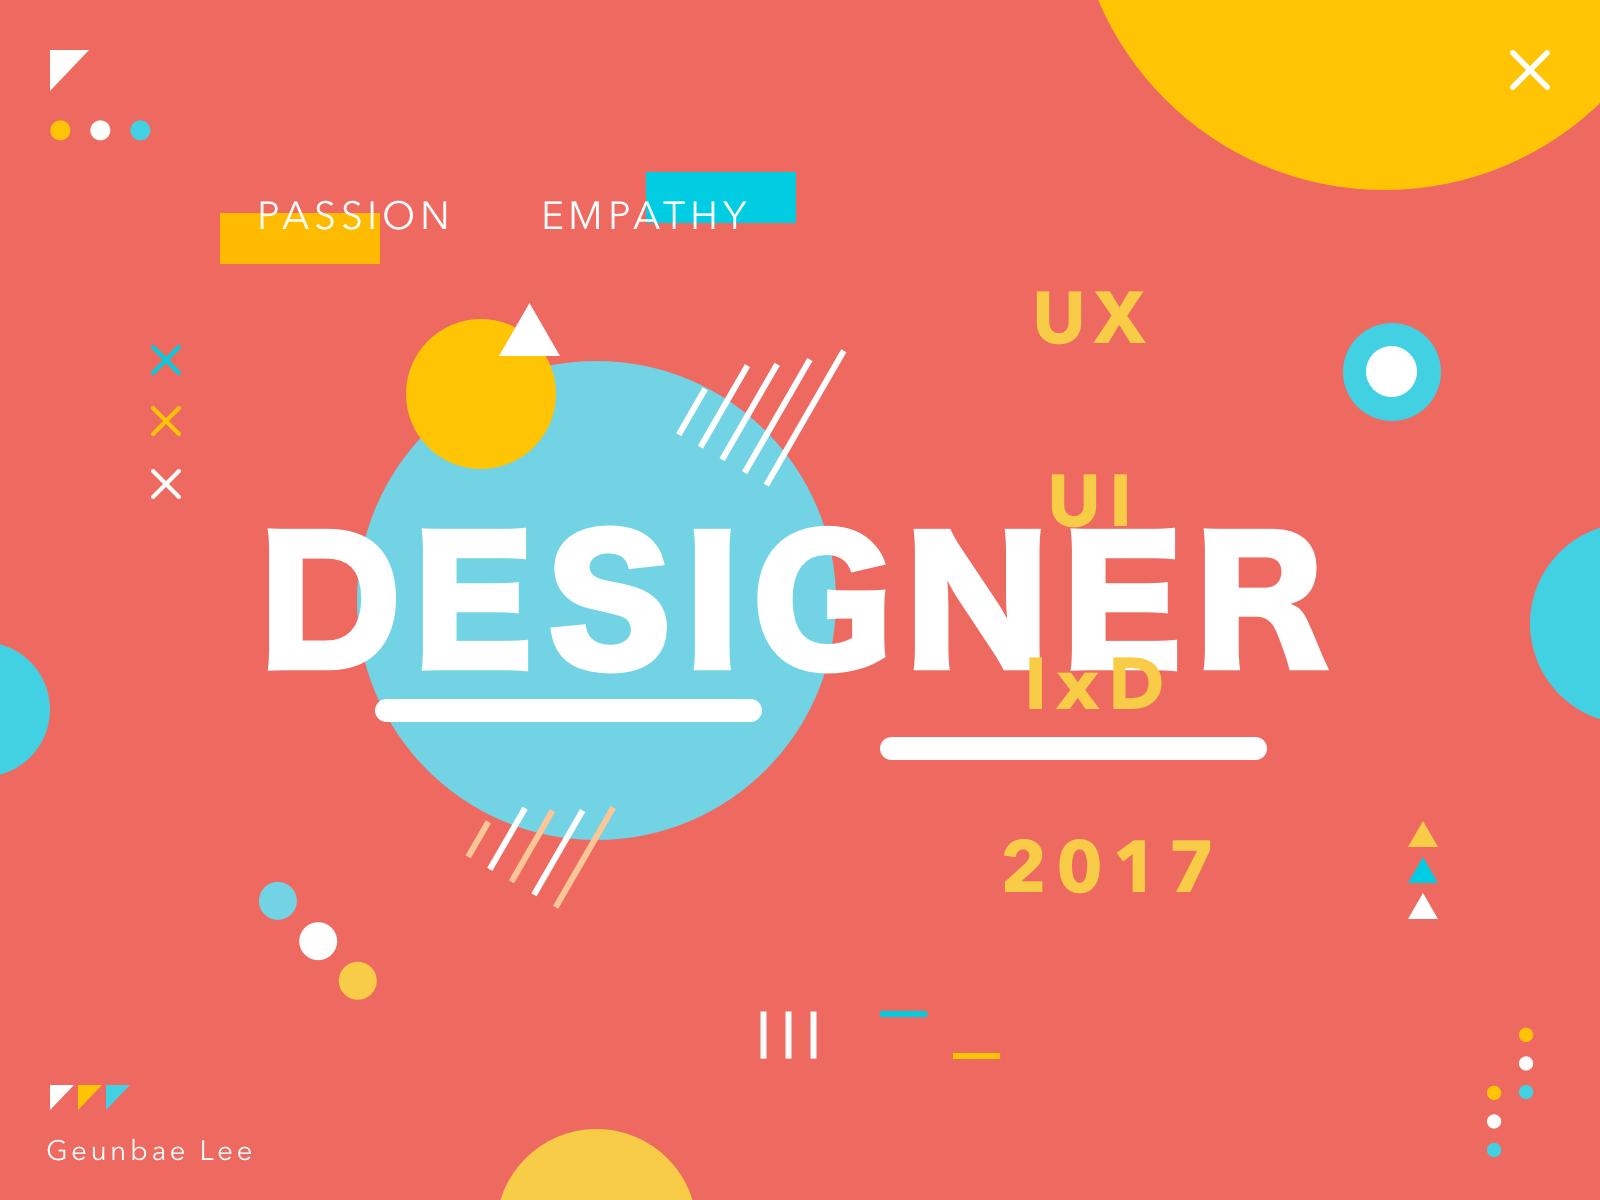 Designerlarge